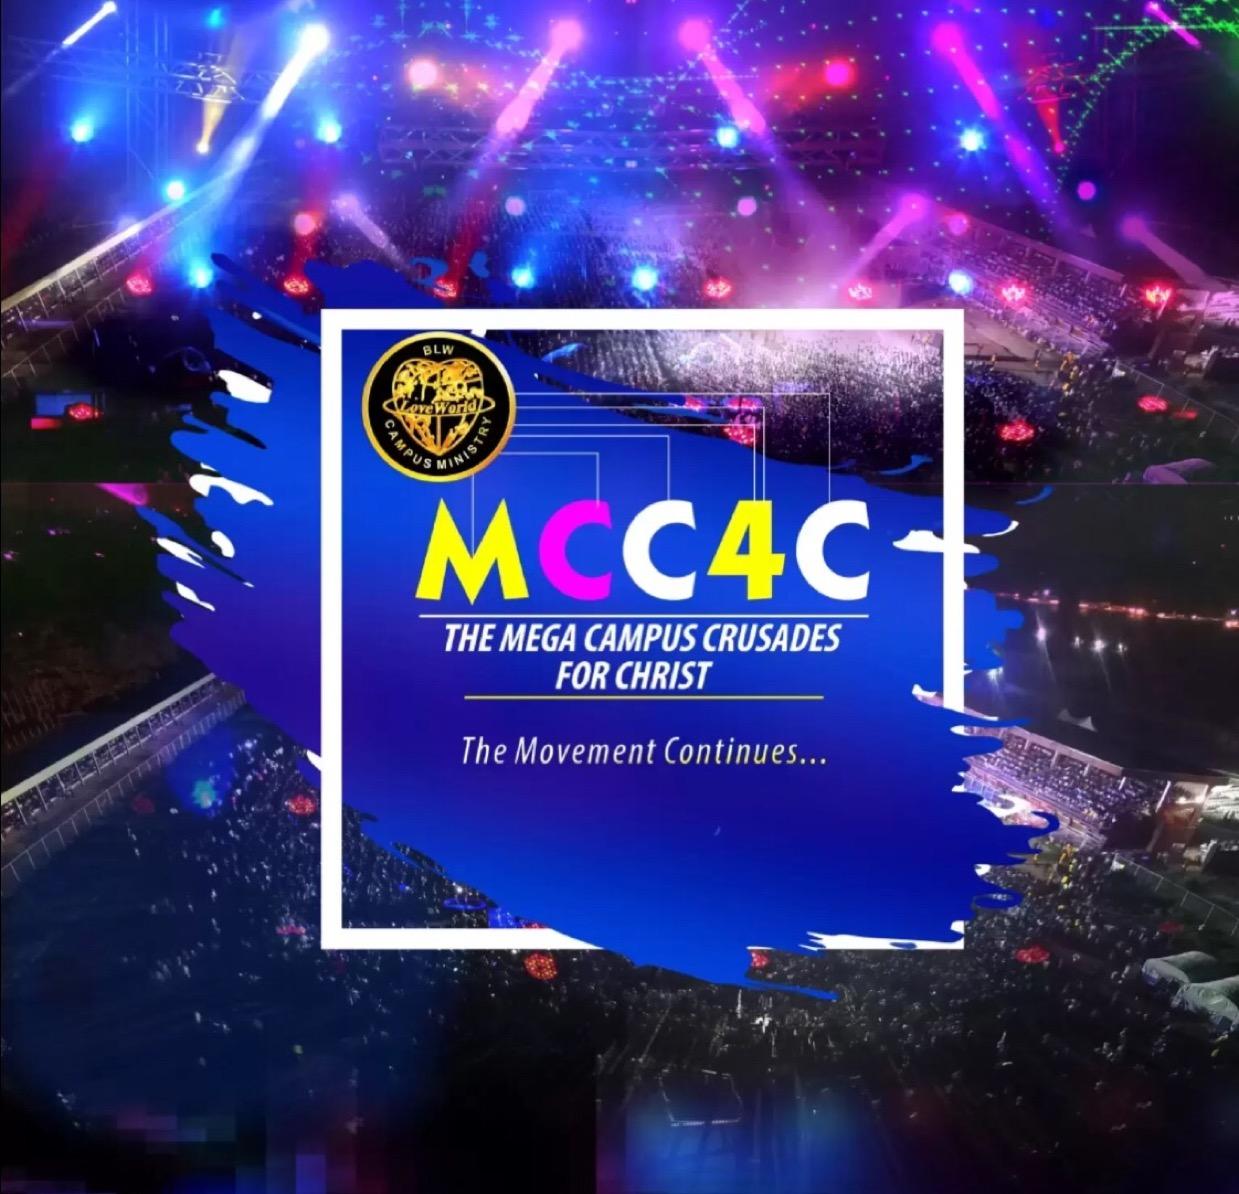 #MCC4C #MegaCampusCrusades #AN2RR #AN2RRedefined #